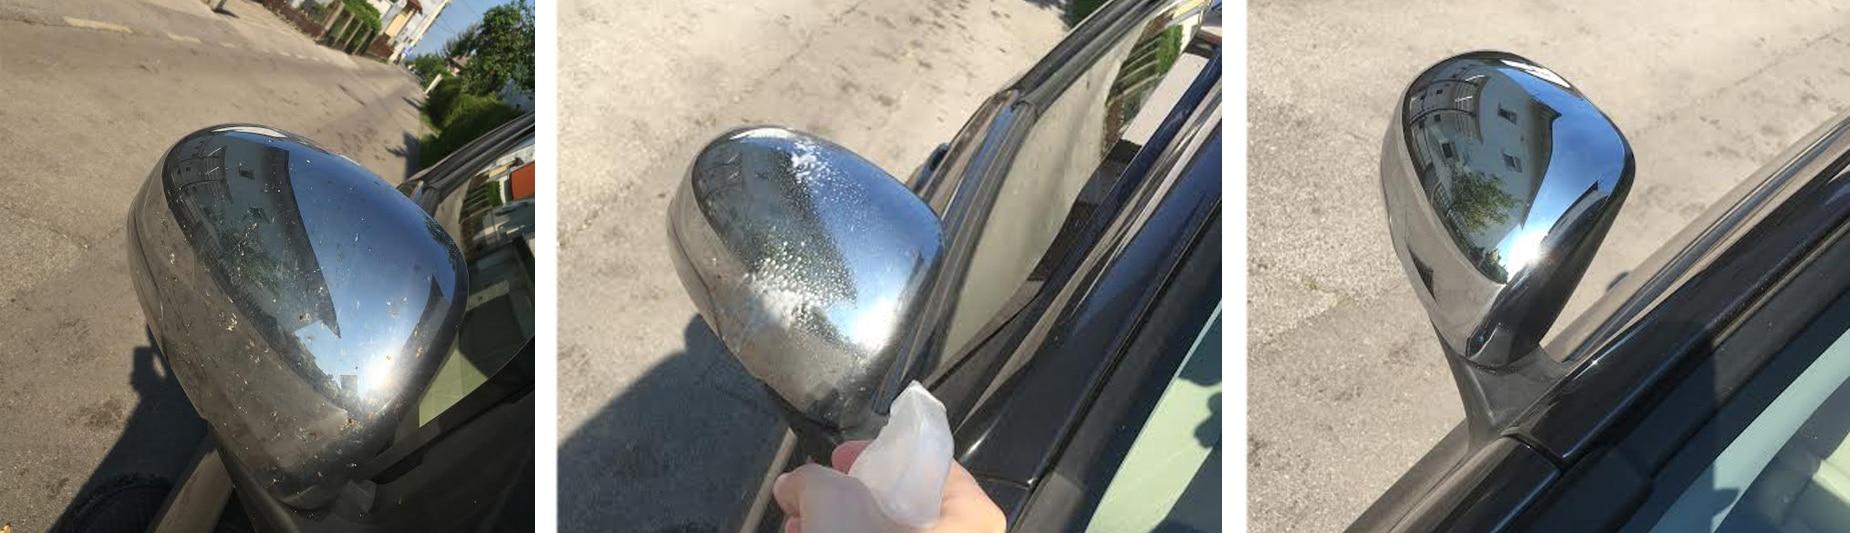 ciscenje-avtomobila